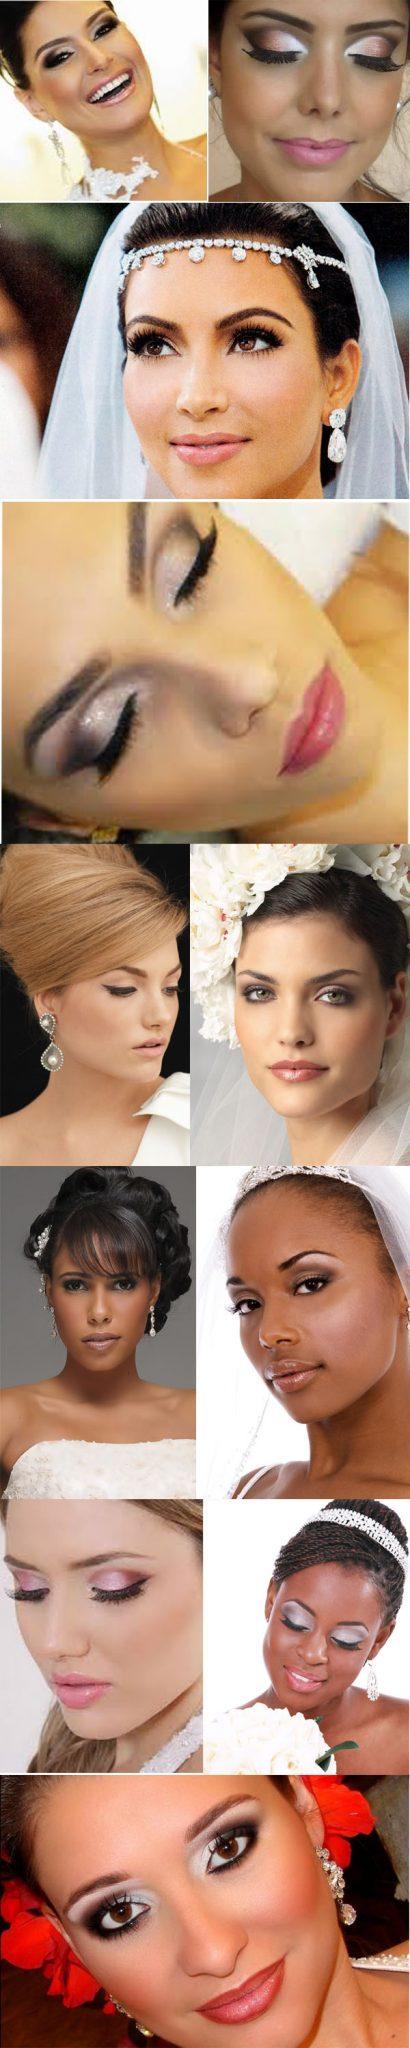 modelos de Make-up para noivas